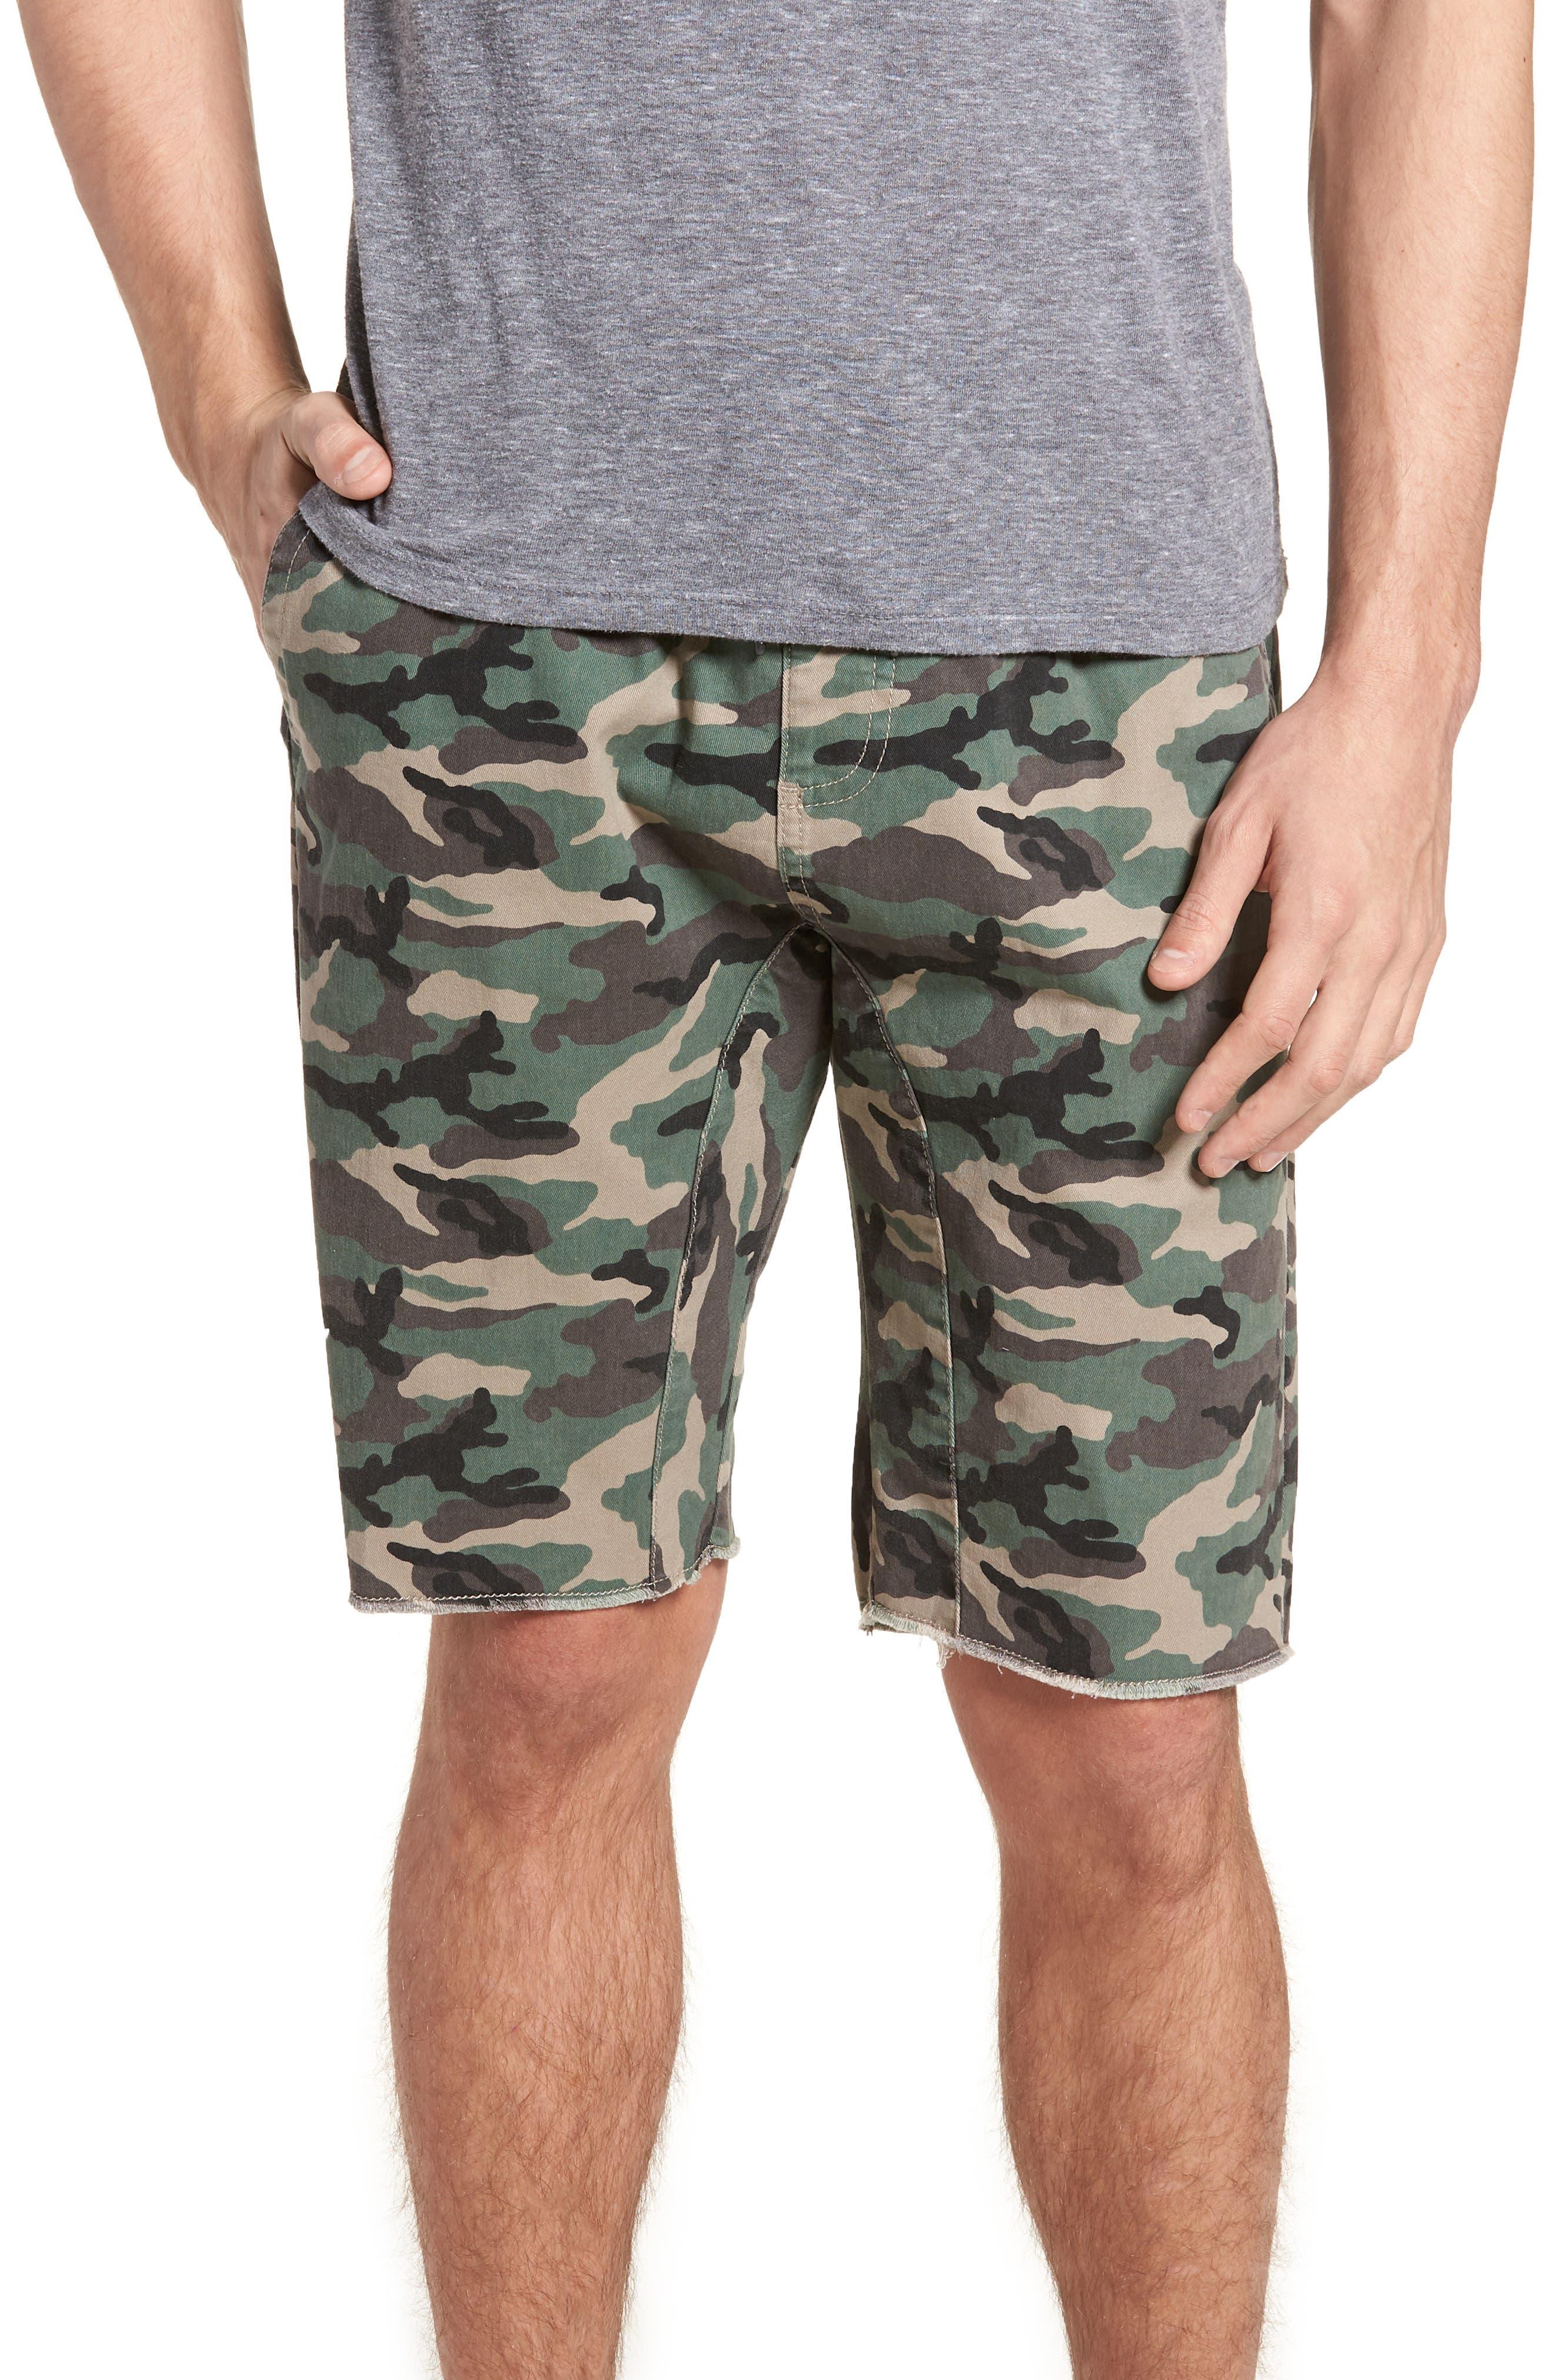 Camo Print Cutoff Twill Shorts,                             Main thumbnail 1, color,                             Brown Green Camo